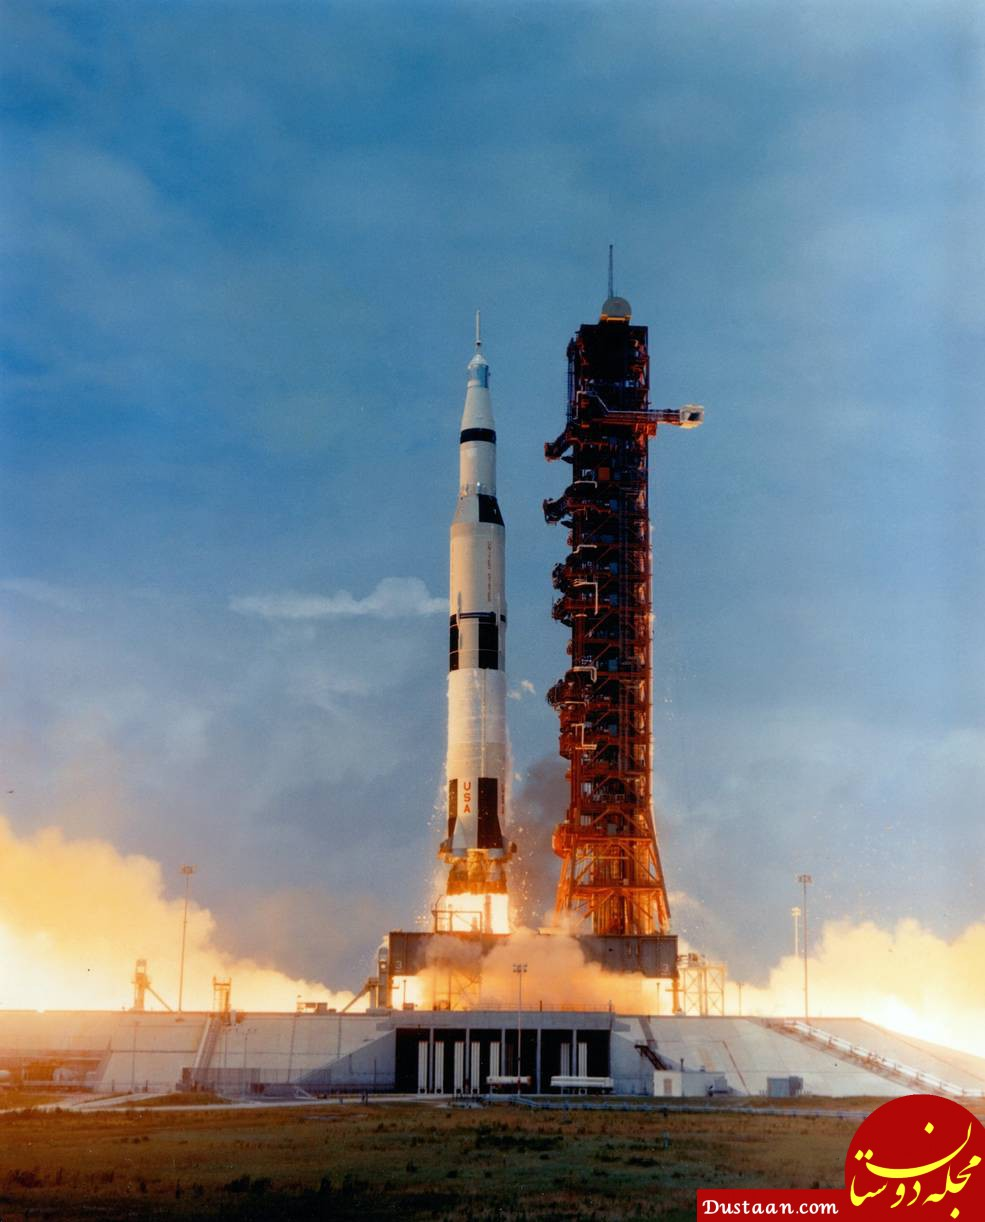 ماجرای سفر پرماجرای فضانوردان آپولو-10